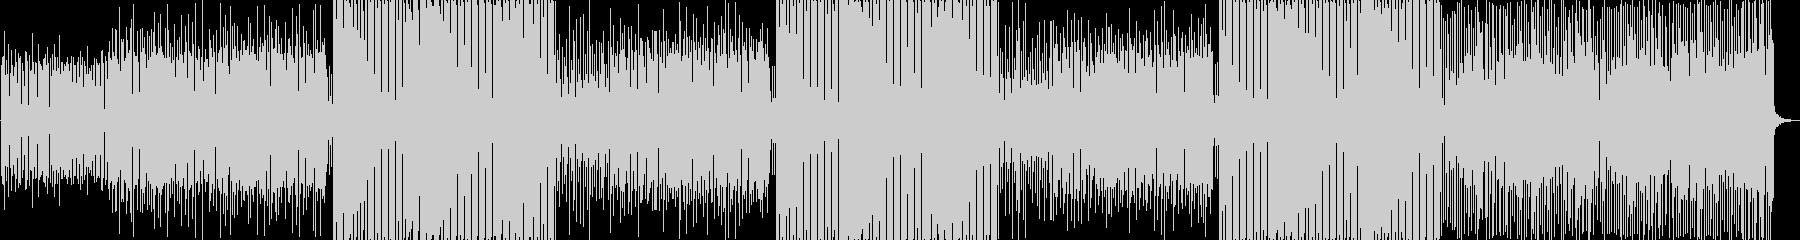 シンプルなエレクトロサウンドの未再生の波形